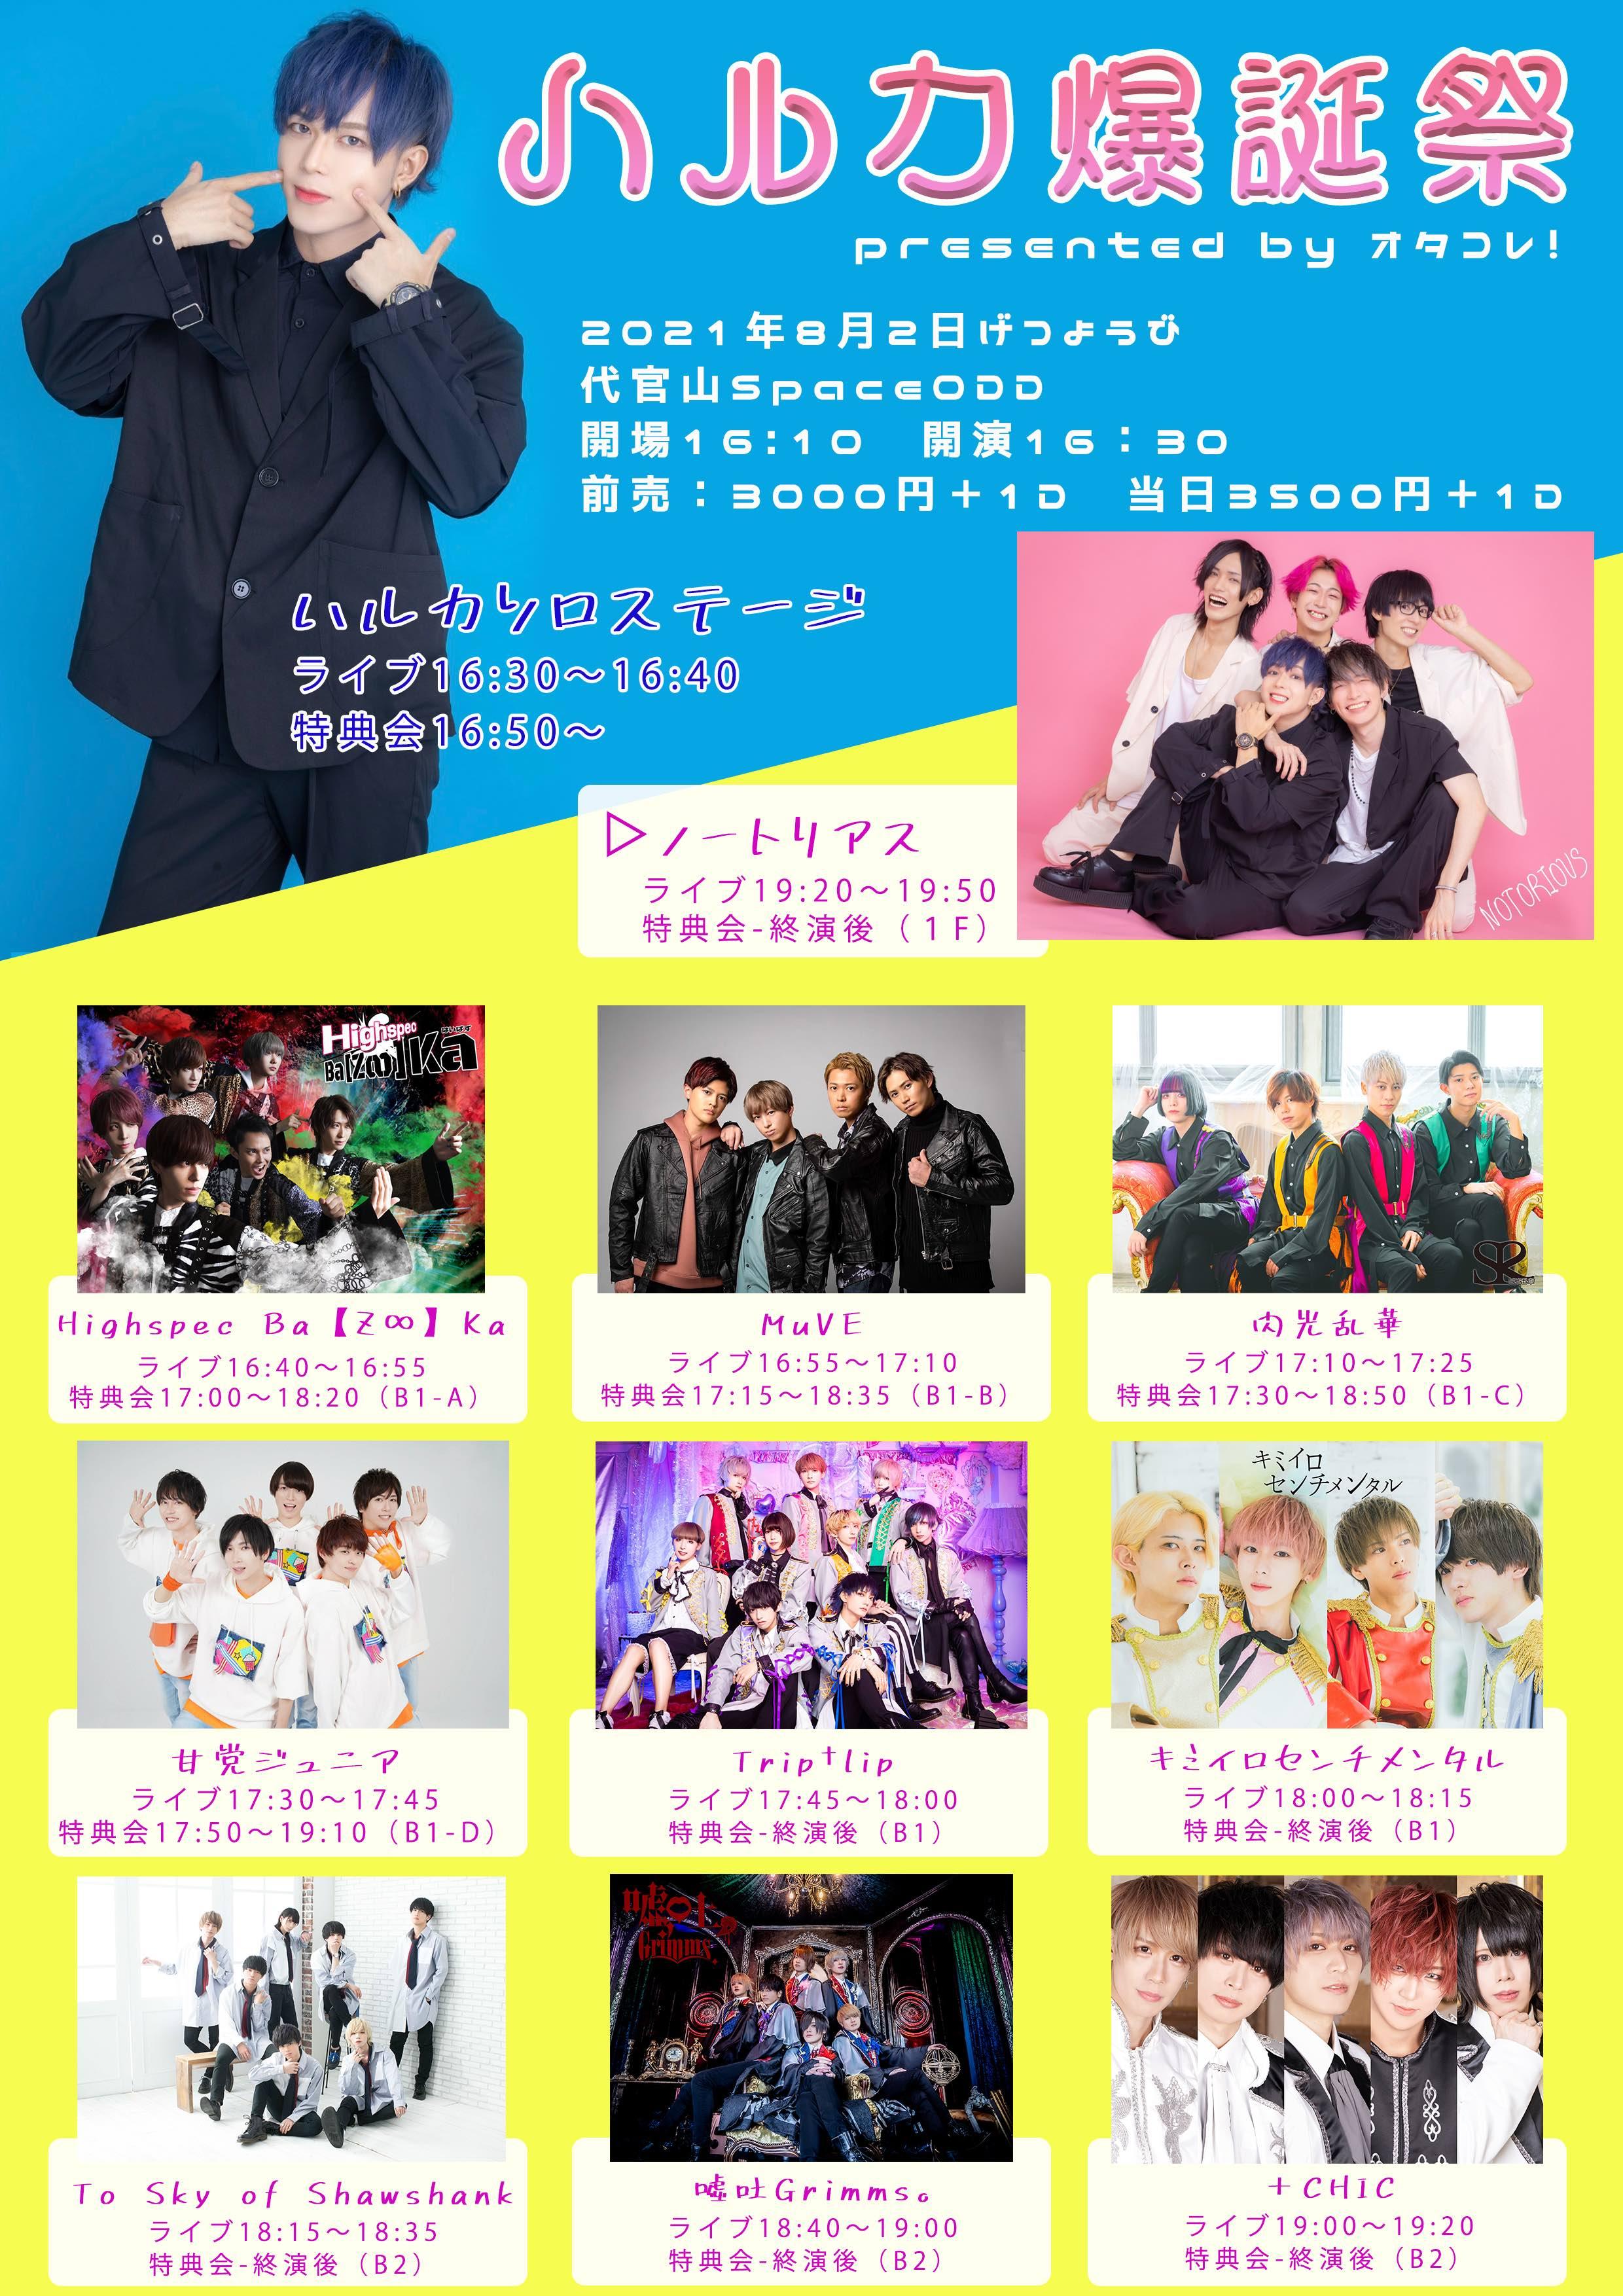 ハルカ爆誕祭 presented by オタコレ!